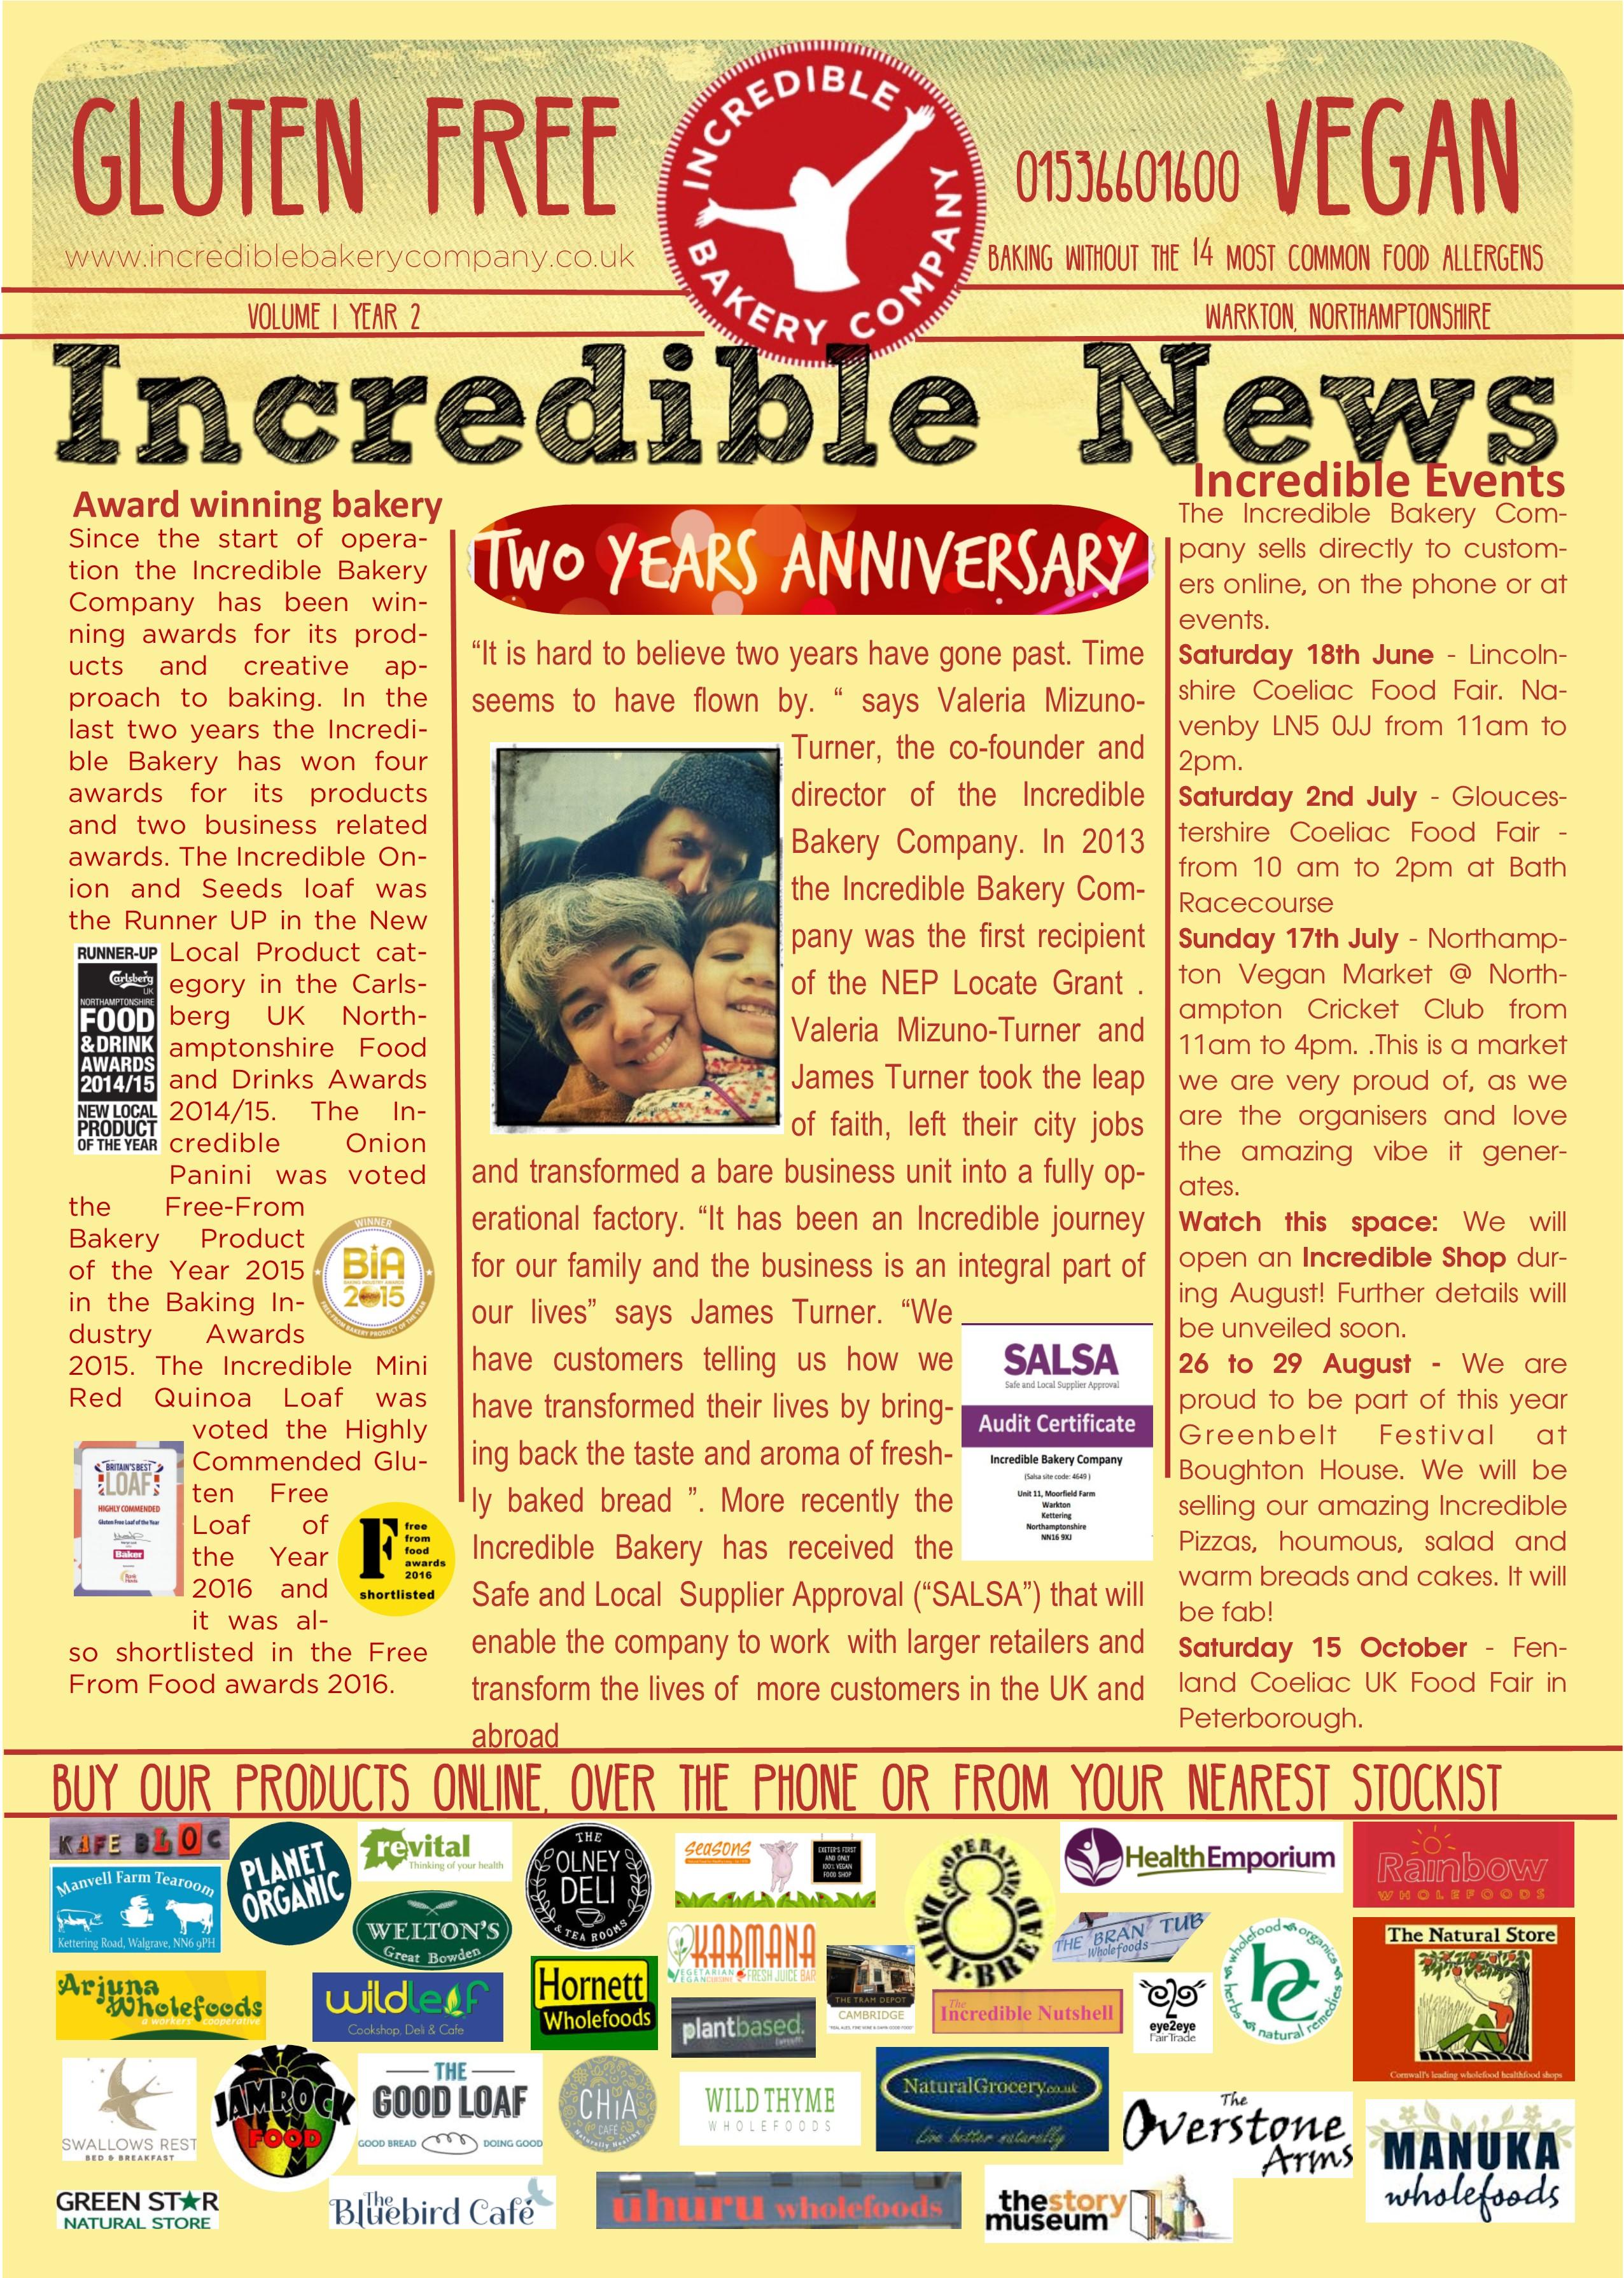 newsletter-3-side-bbc.jpg